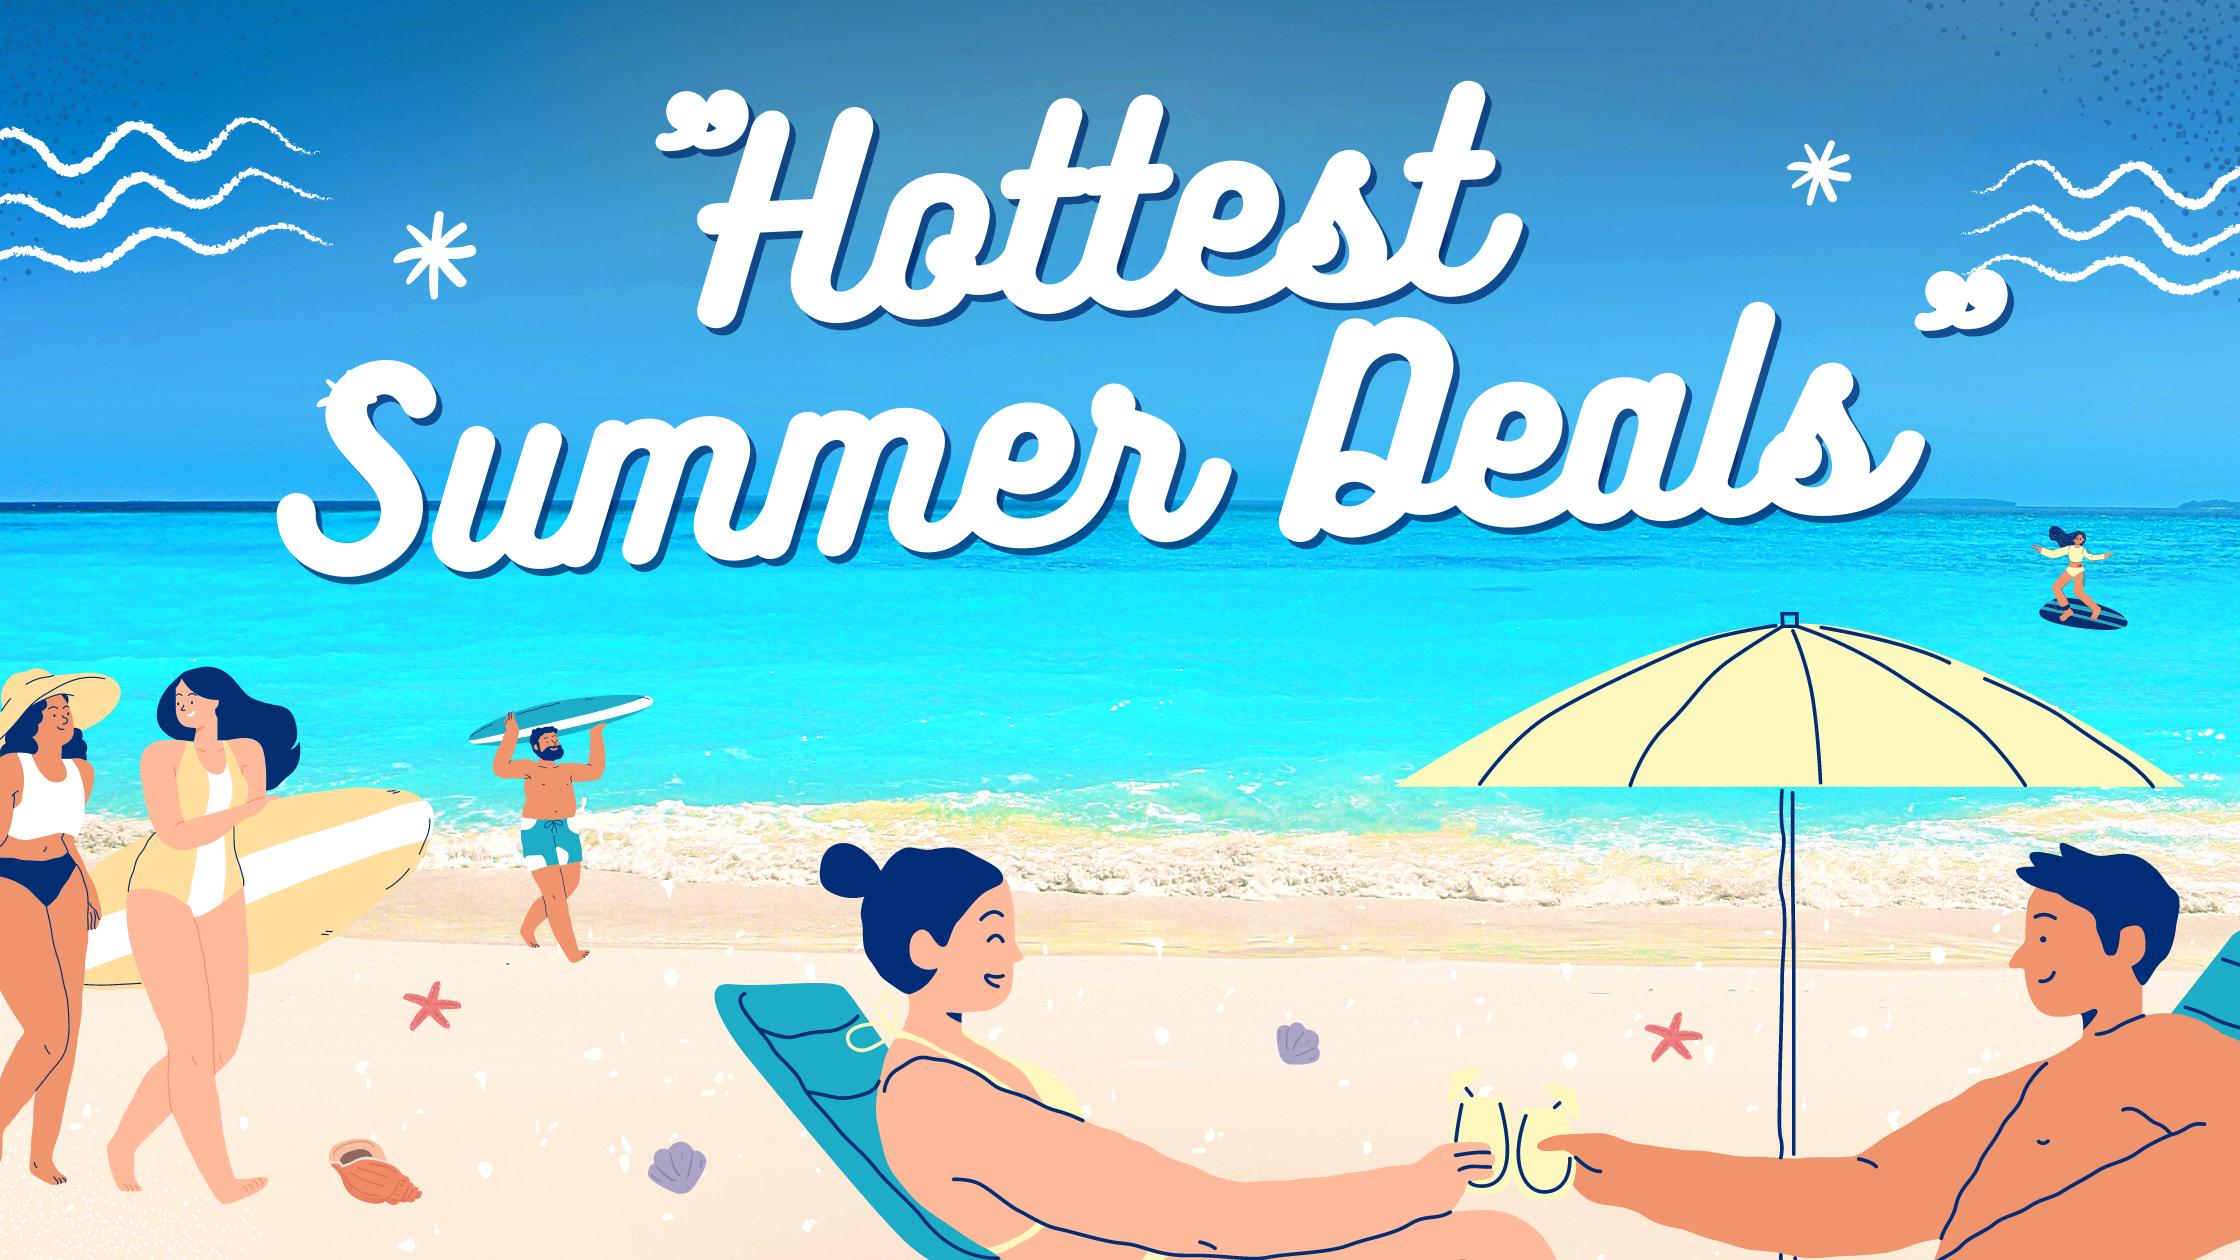 hottest summer deal